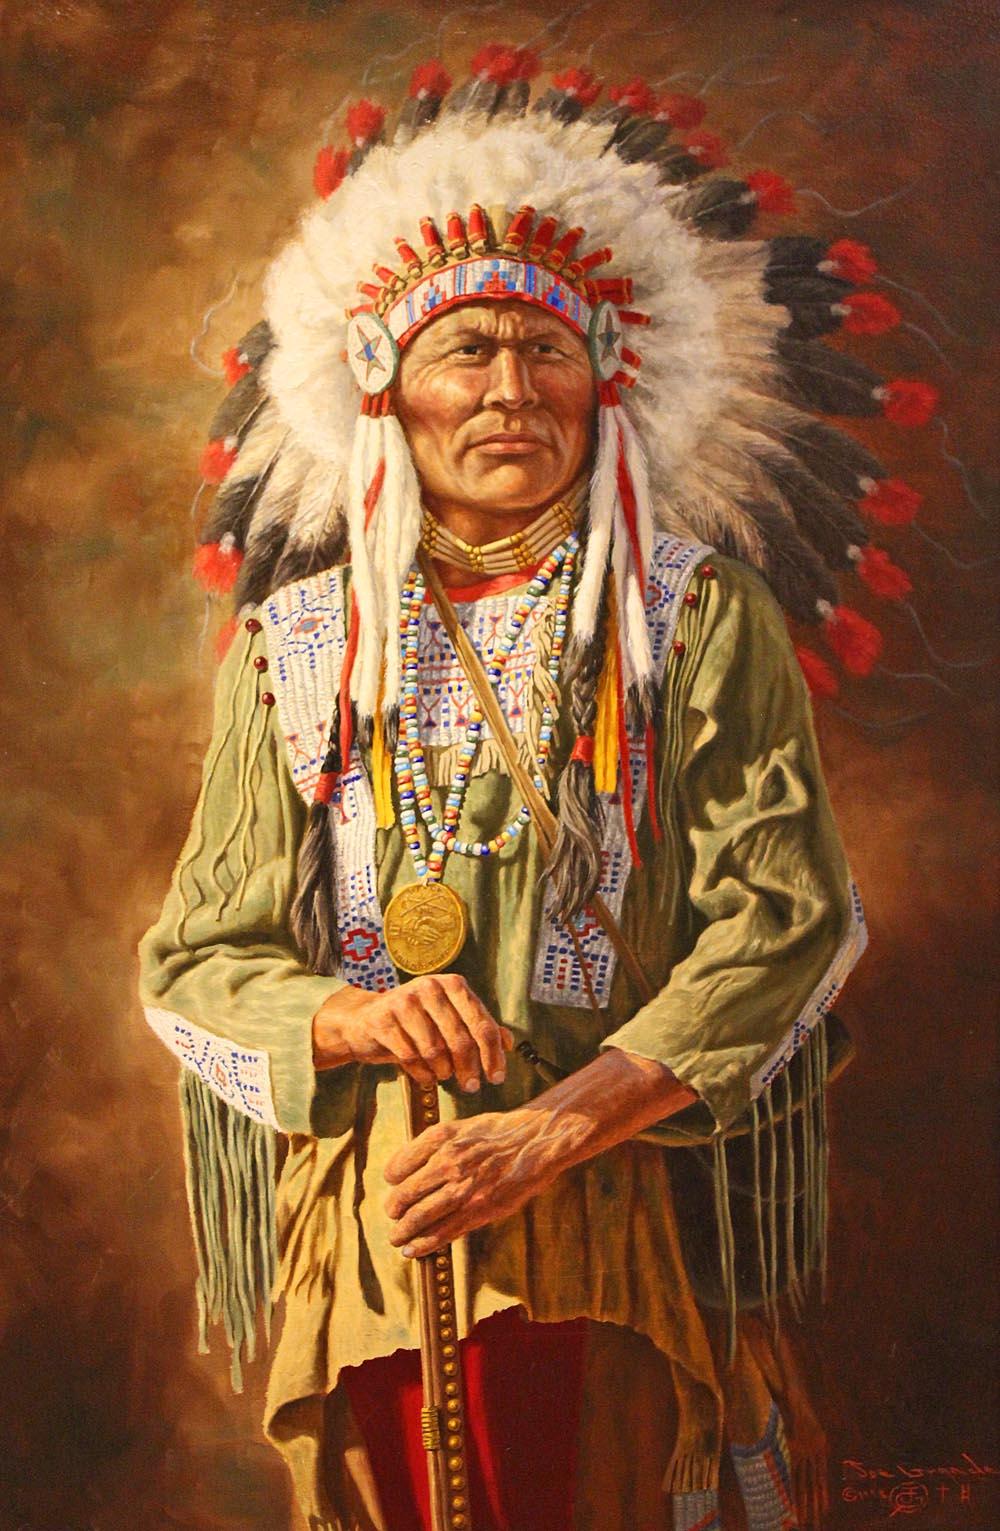 native ameri prithvi vallabh - HD1000×1531